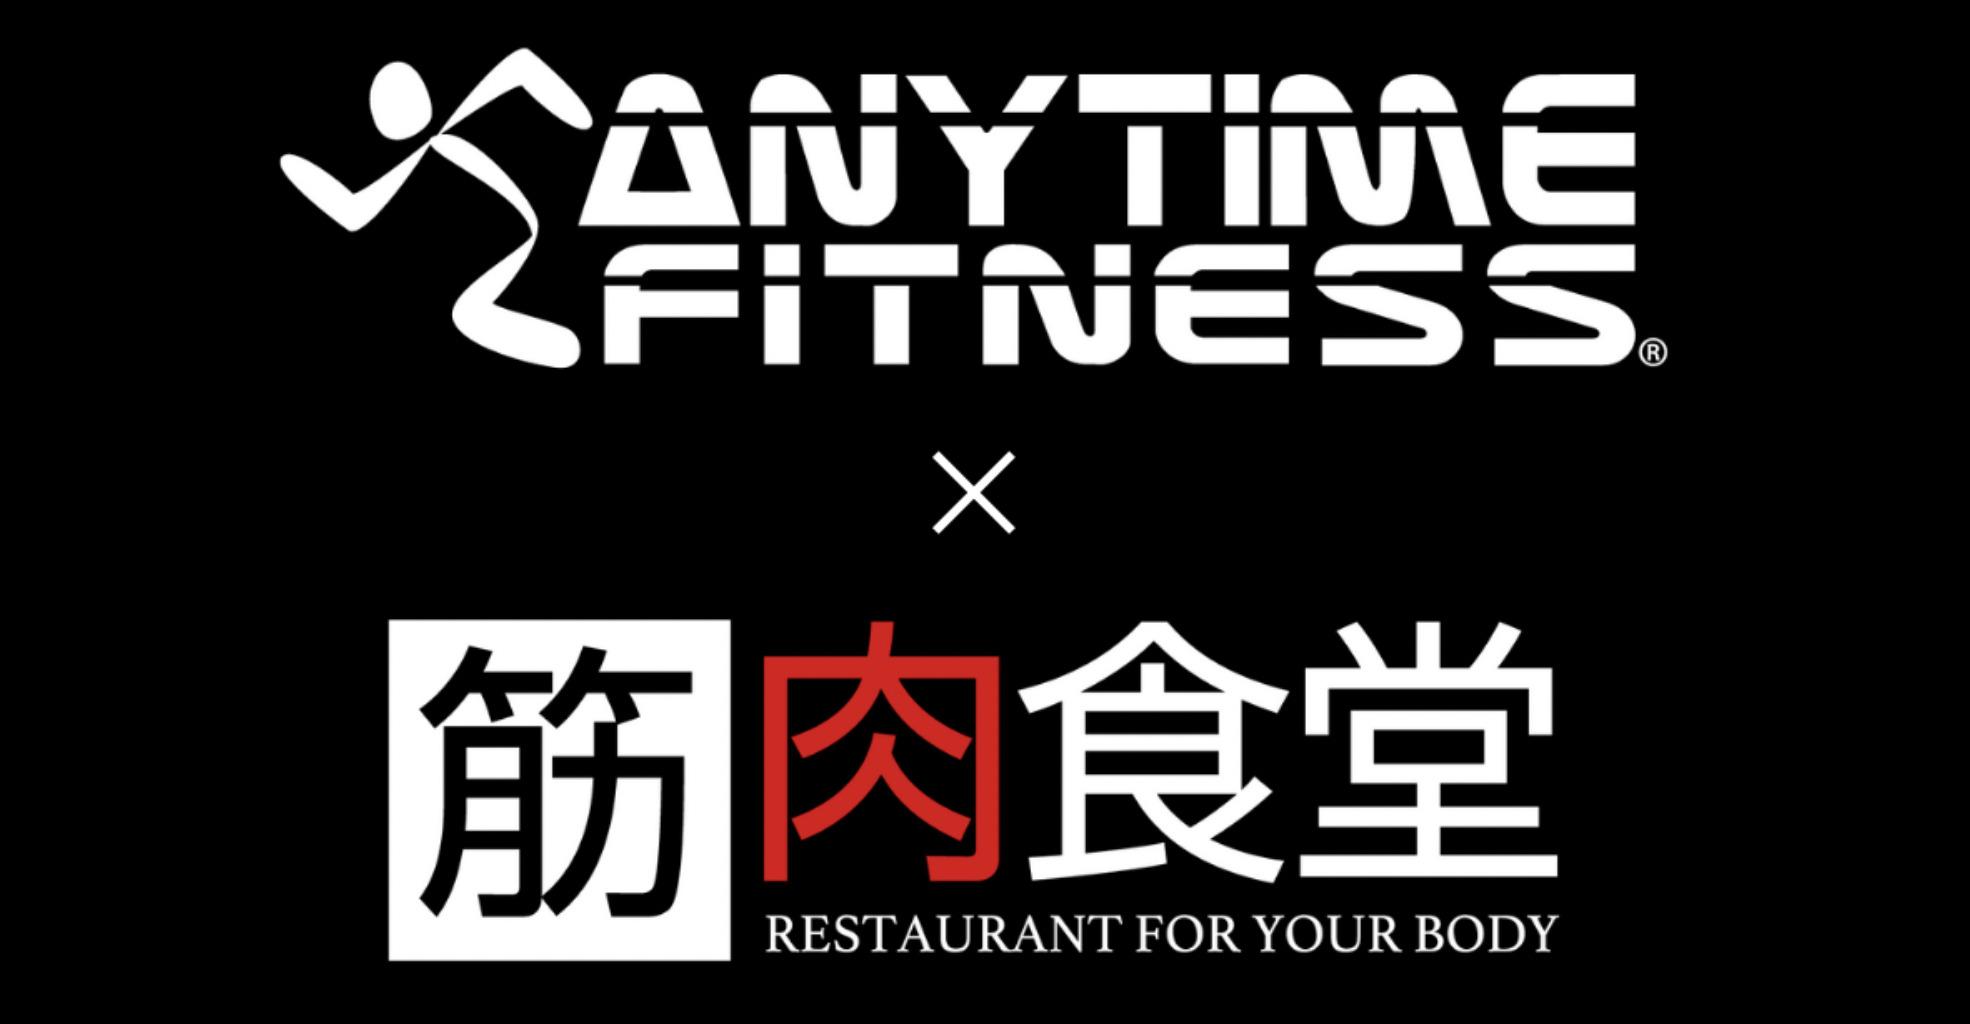 筋肉食堂DELIのエニタイムフィットネスコラボ